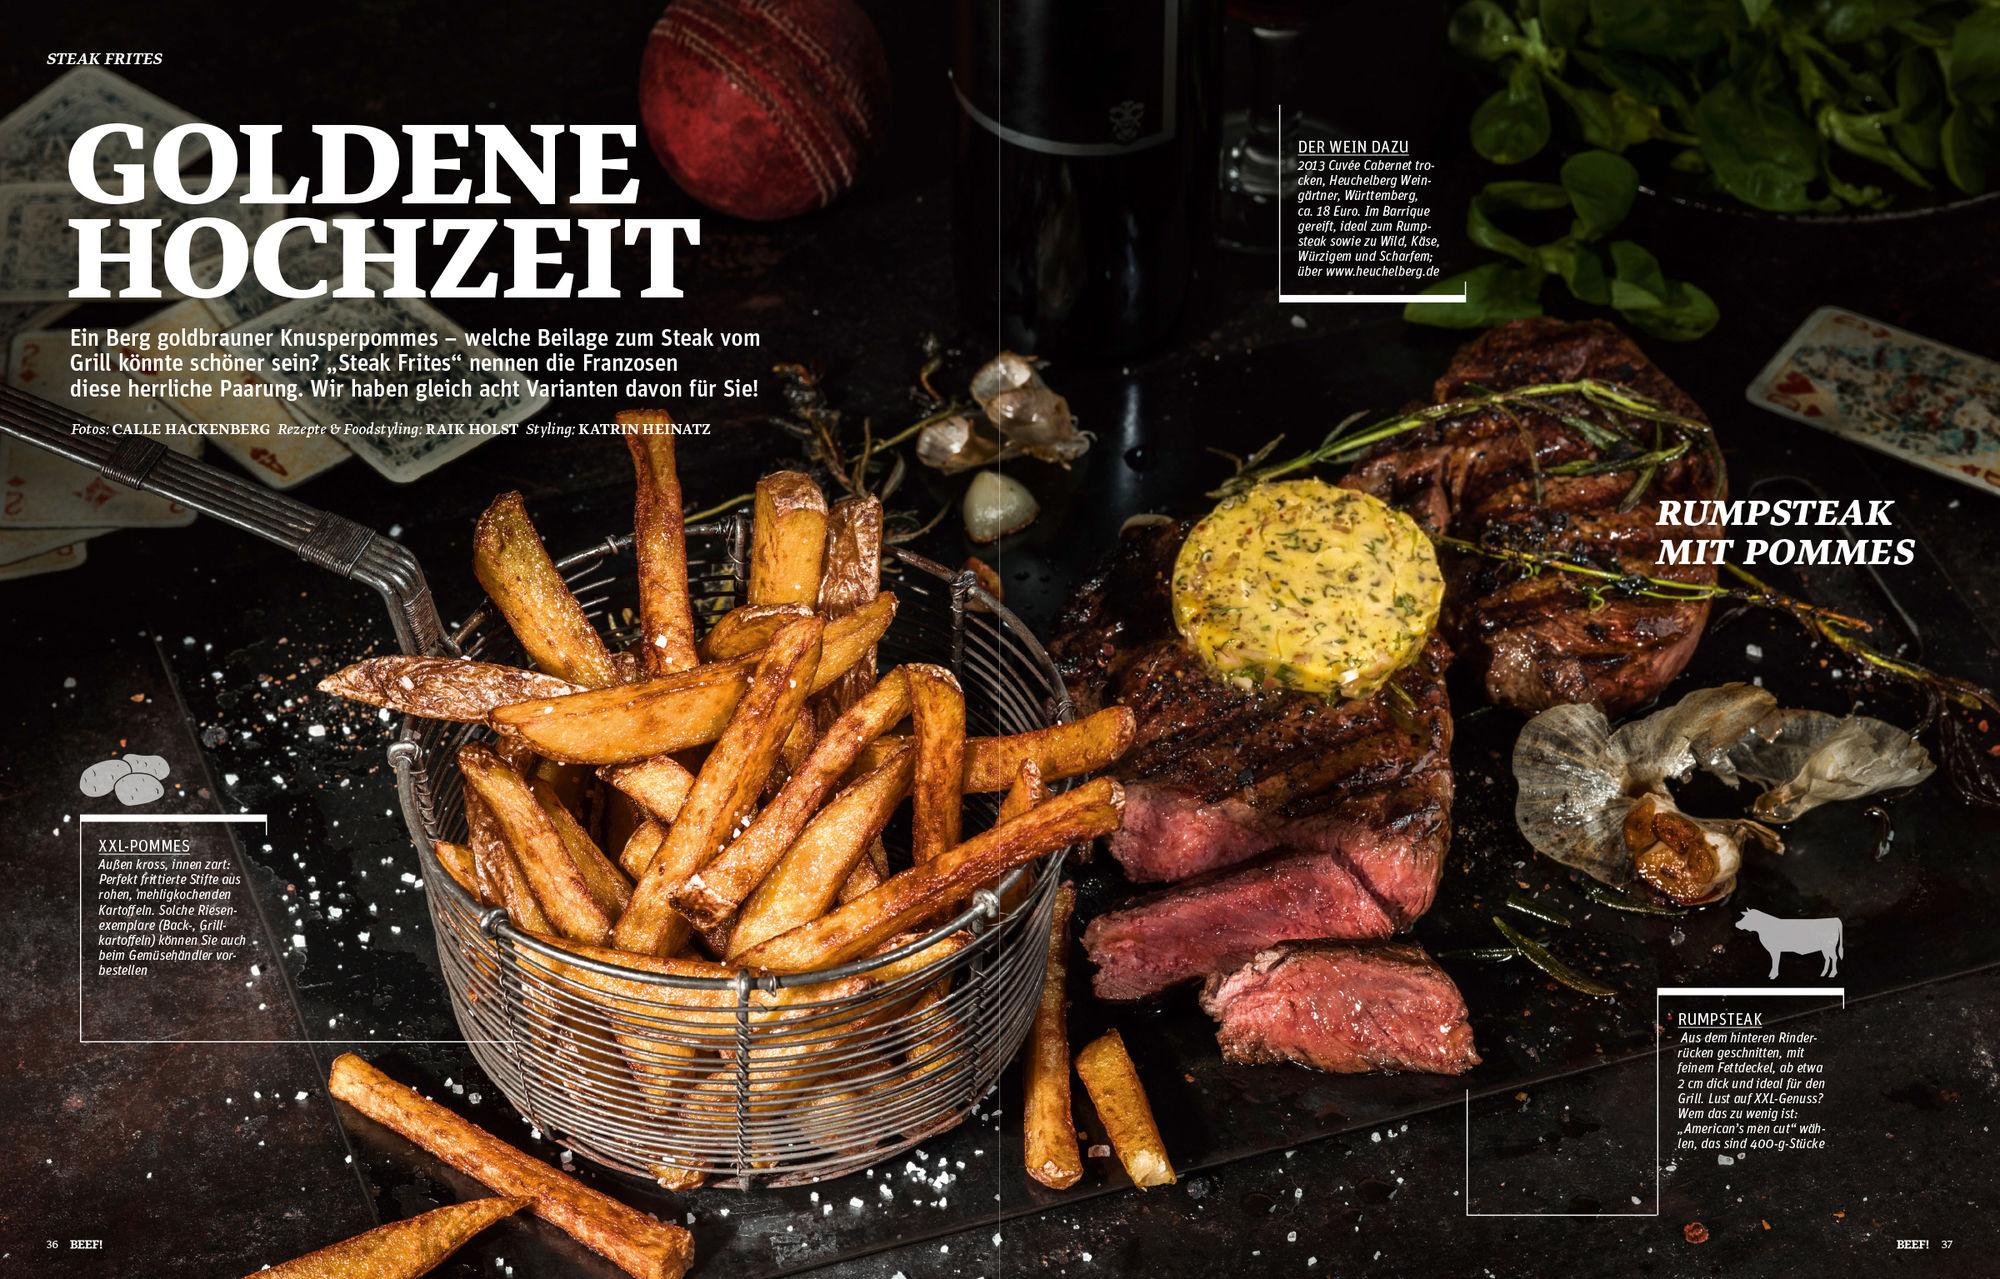 BEEF! SteakFrites! CALLE HACKENBERG